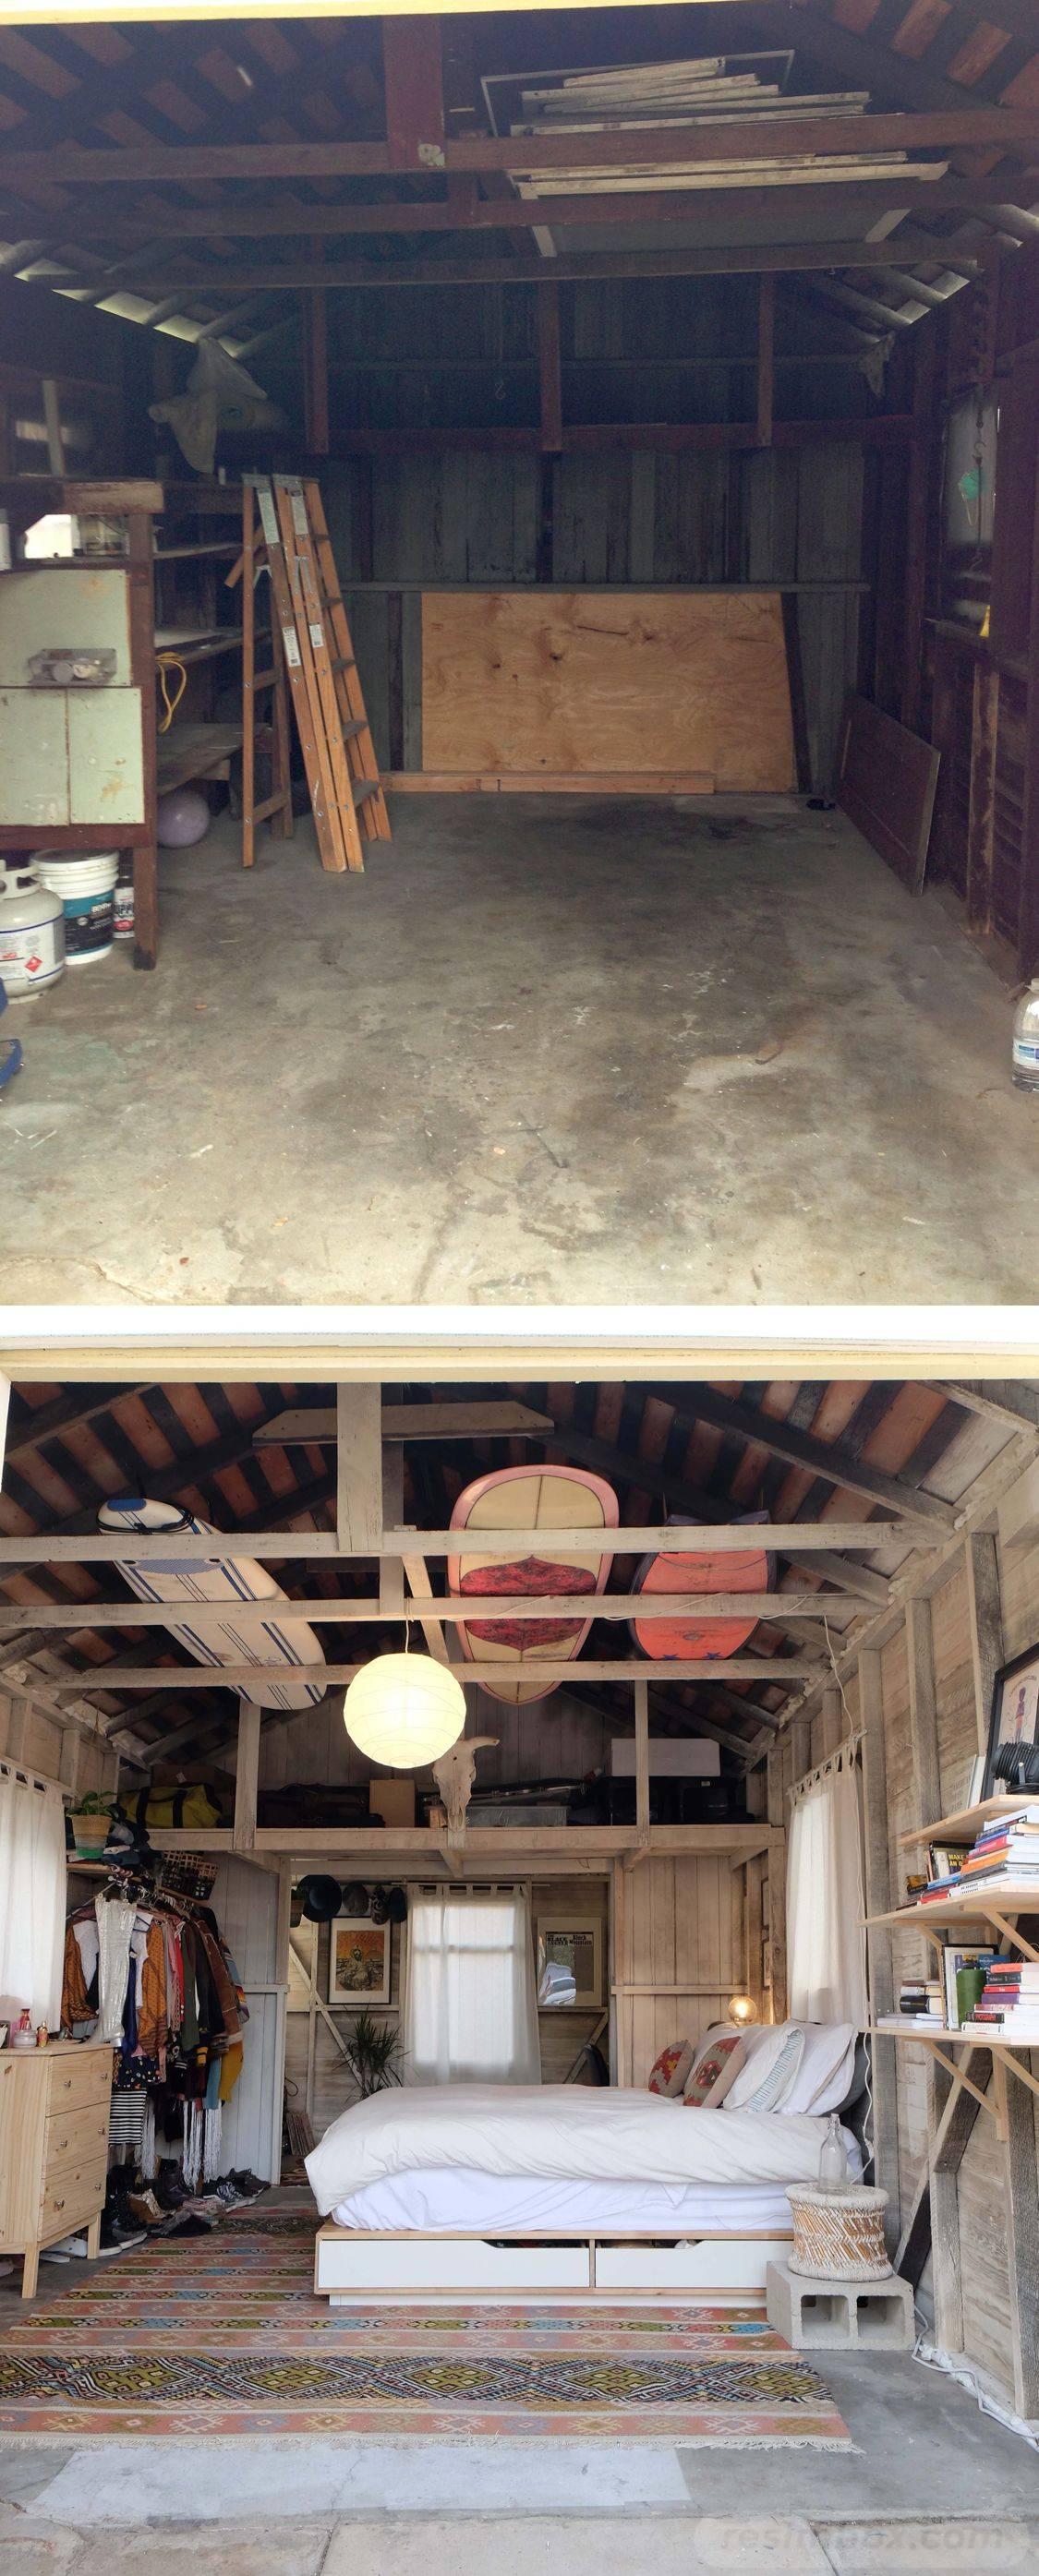 garden garage ideas-26810560258852086